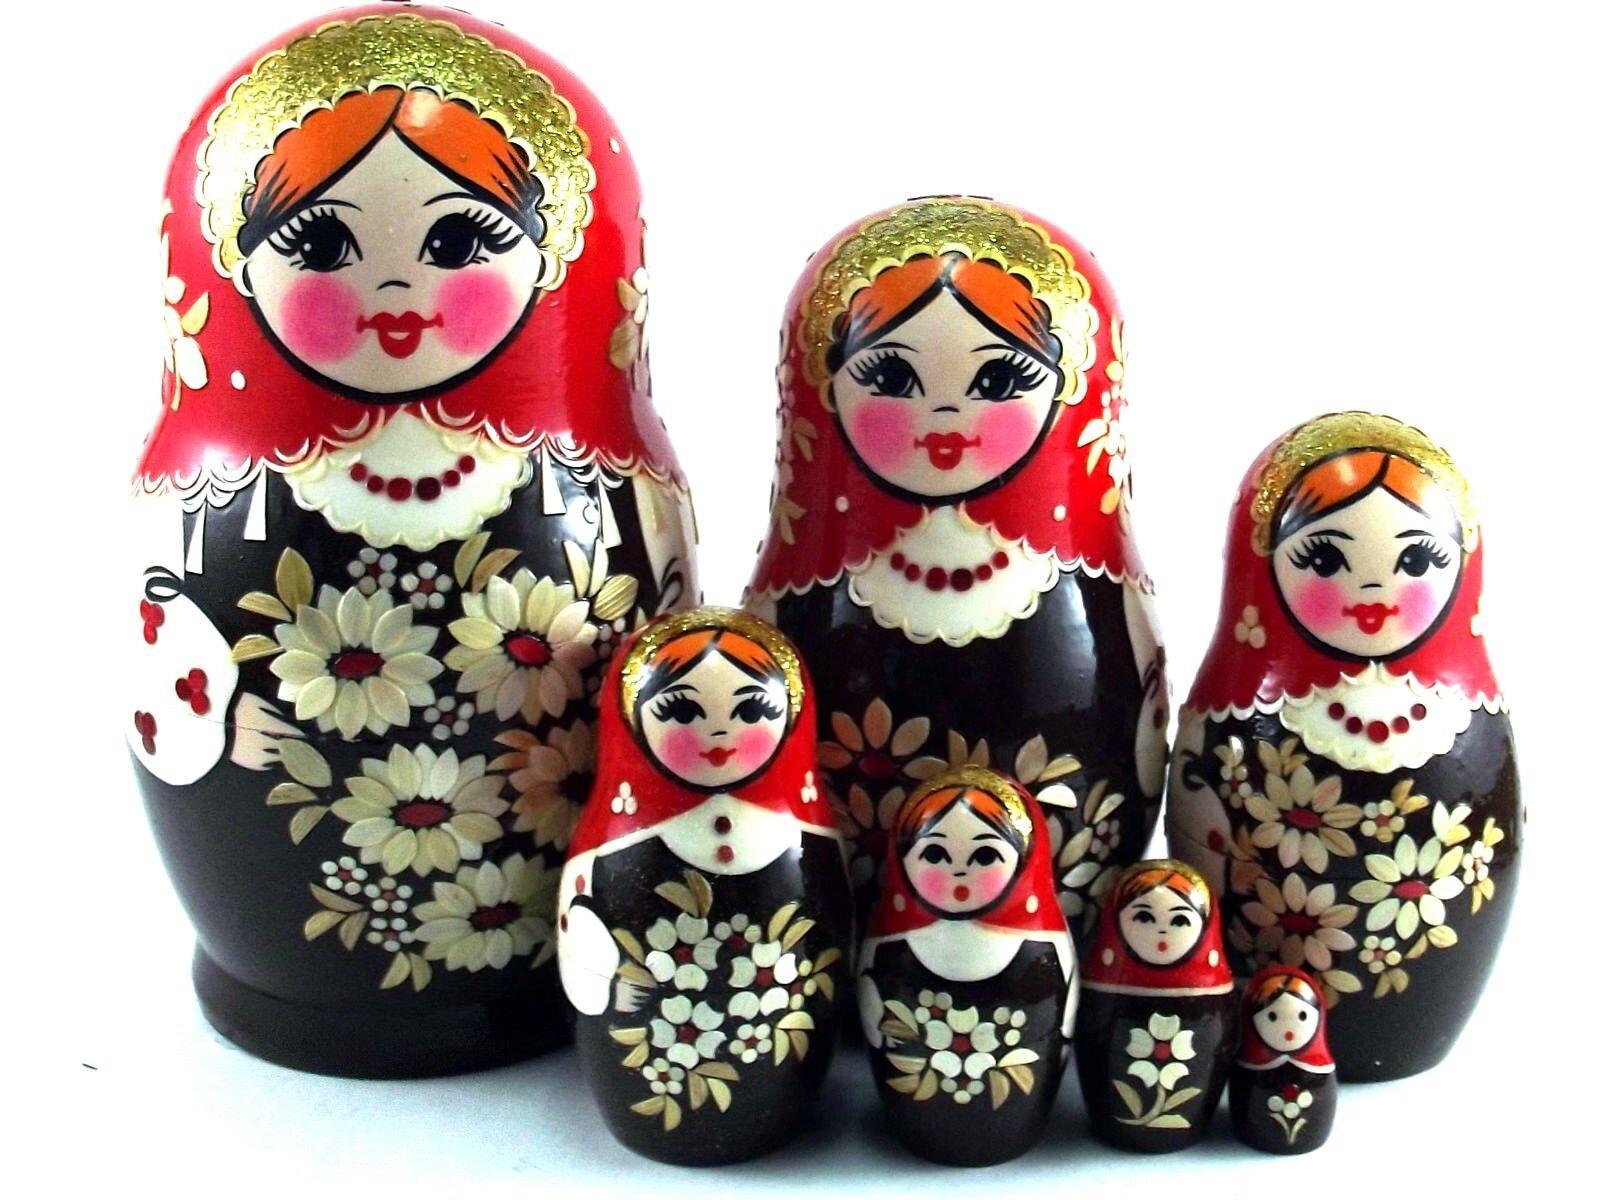 MATRIOSKA BAMBOLA Baautobuschka cioé russa legno  bambole inkrustation 7 pezzi  ottima selezione e consegna rapida